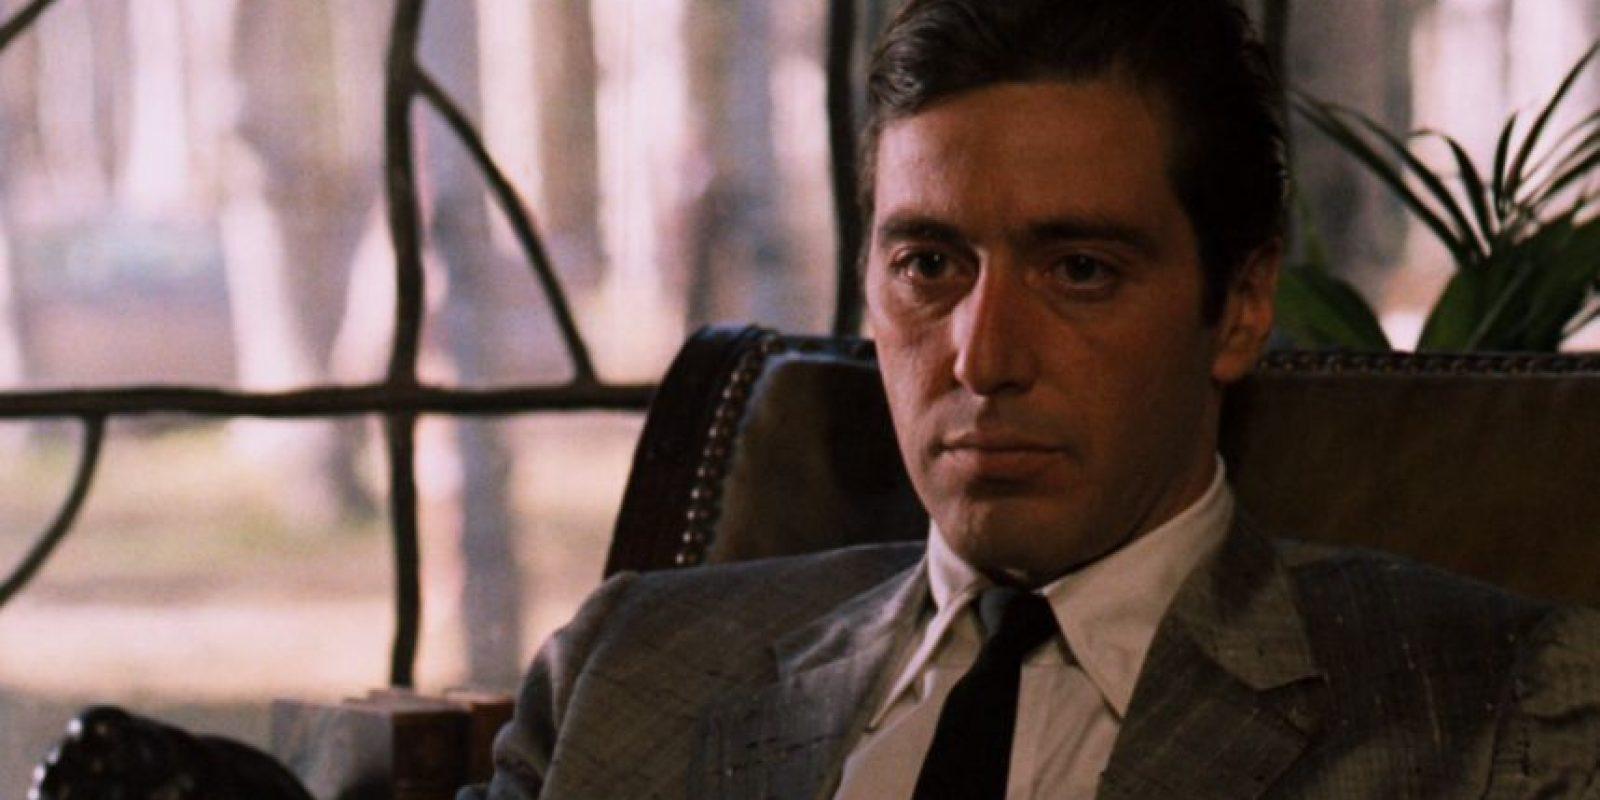 """Llamó a uno de sus hijos Michael Corleone en honor al personaje de """"El Padrino"""". Foto:vía Tumblr"""